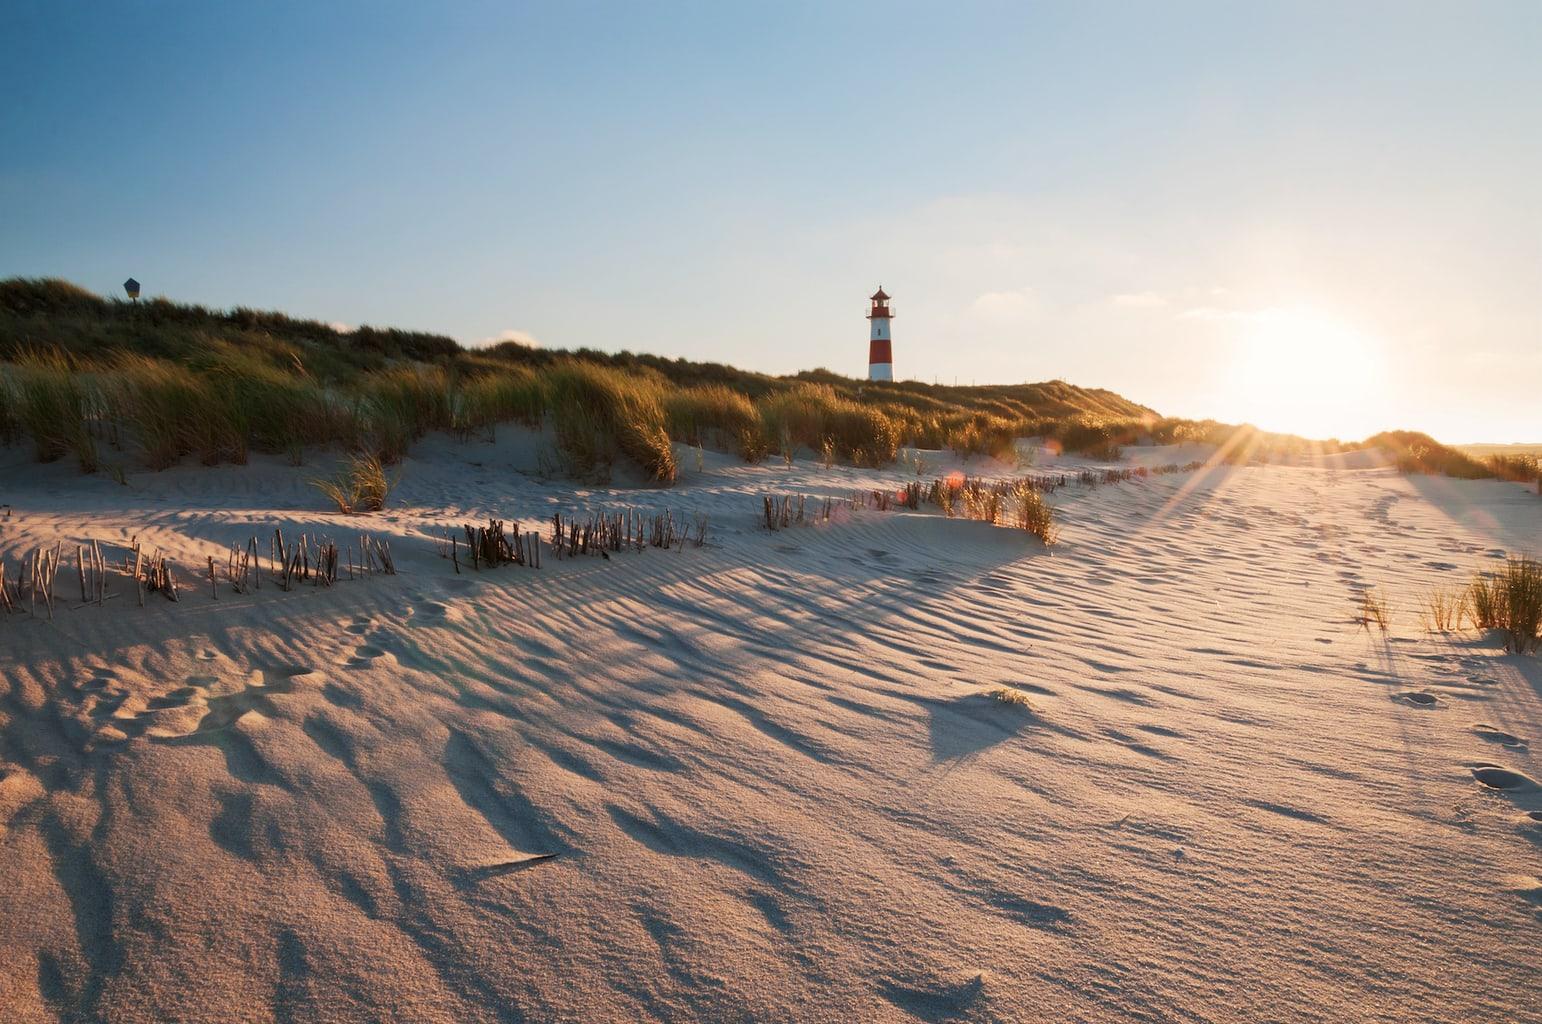 Vuurtoren op het eiland Sylt in de Noordzee bij Ellenbogen